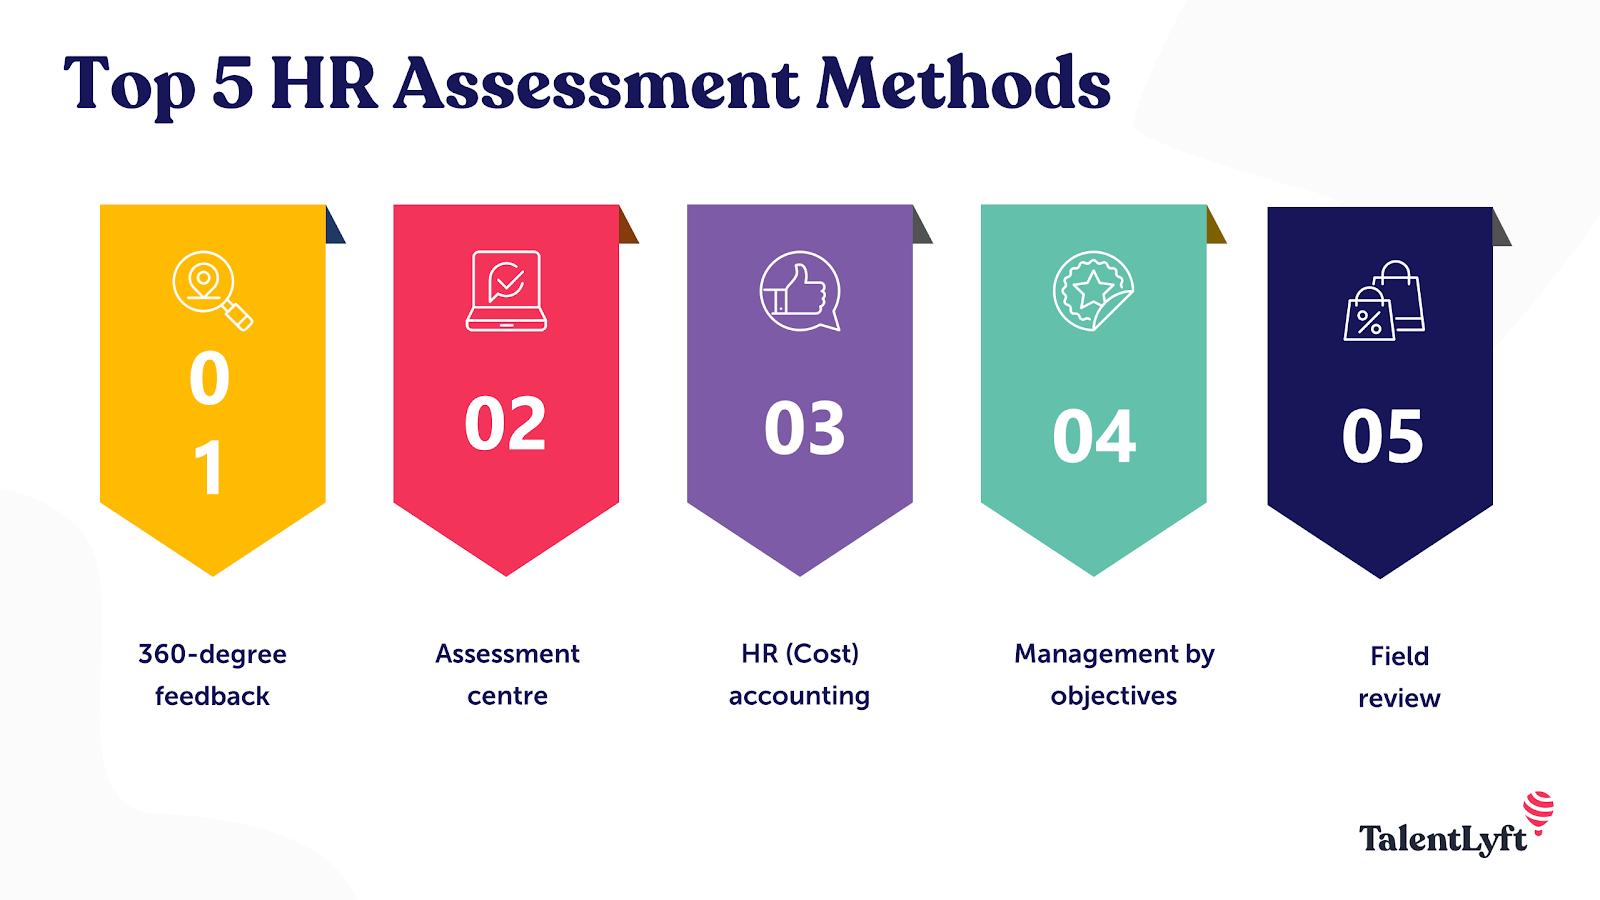 HR assessment methods